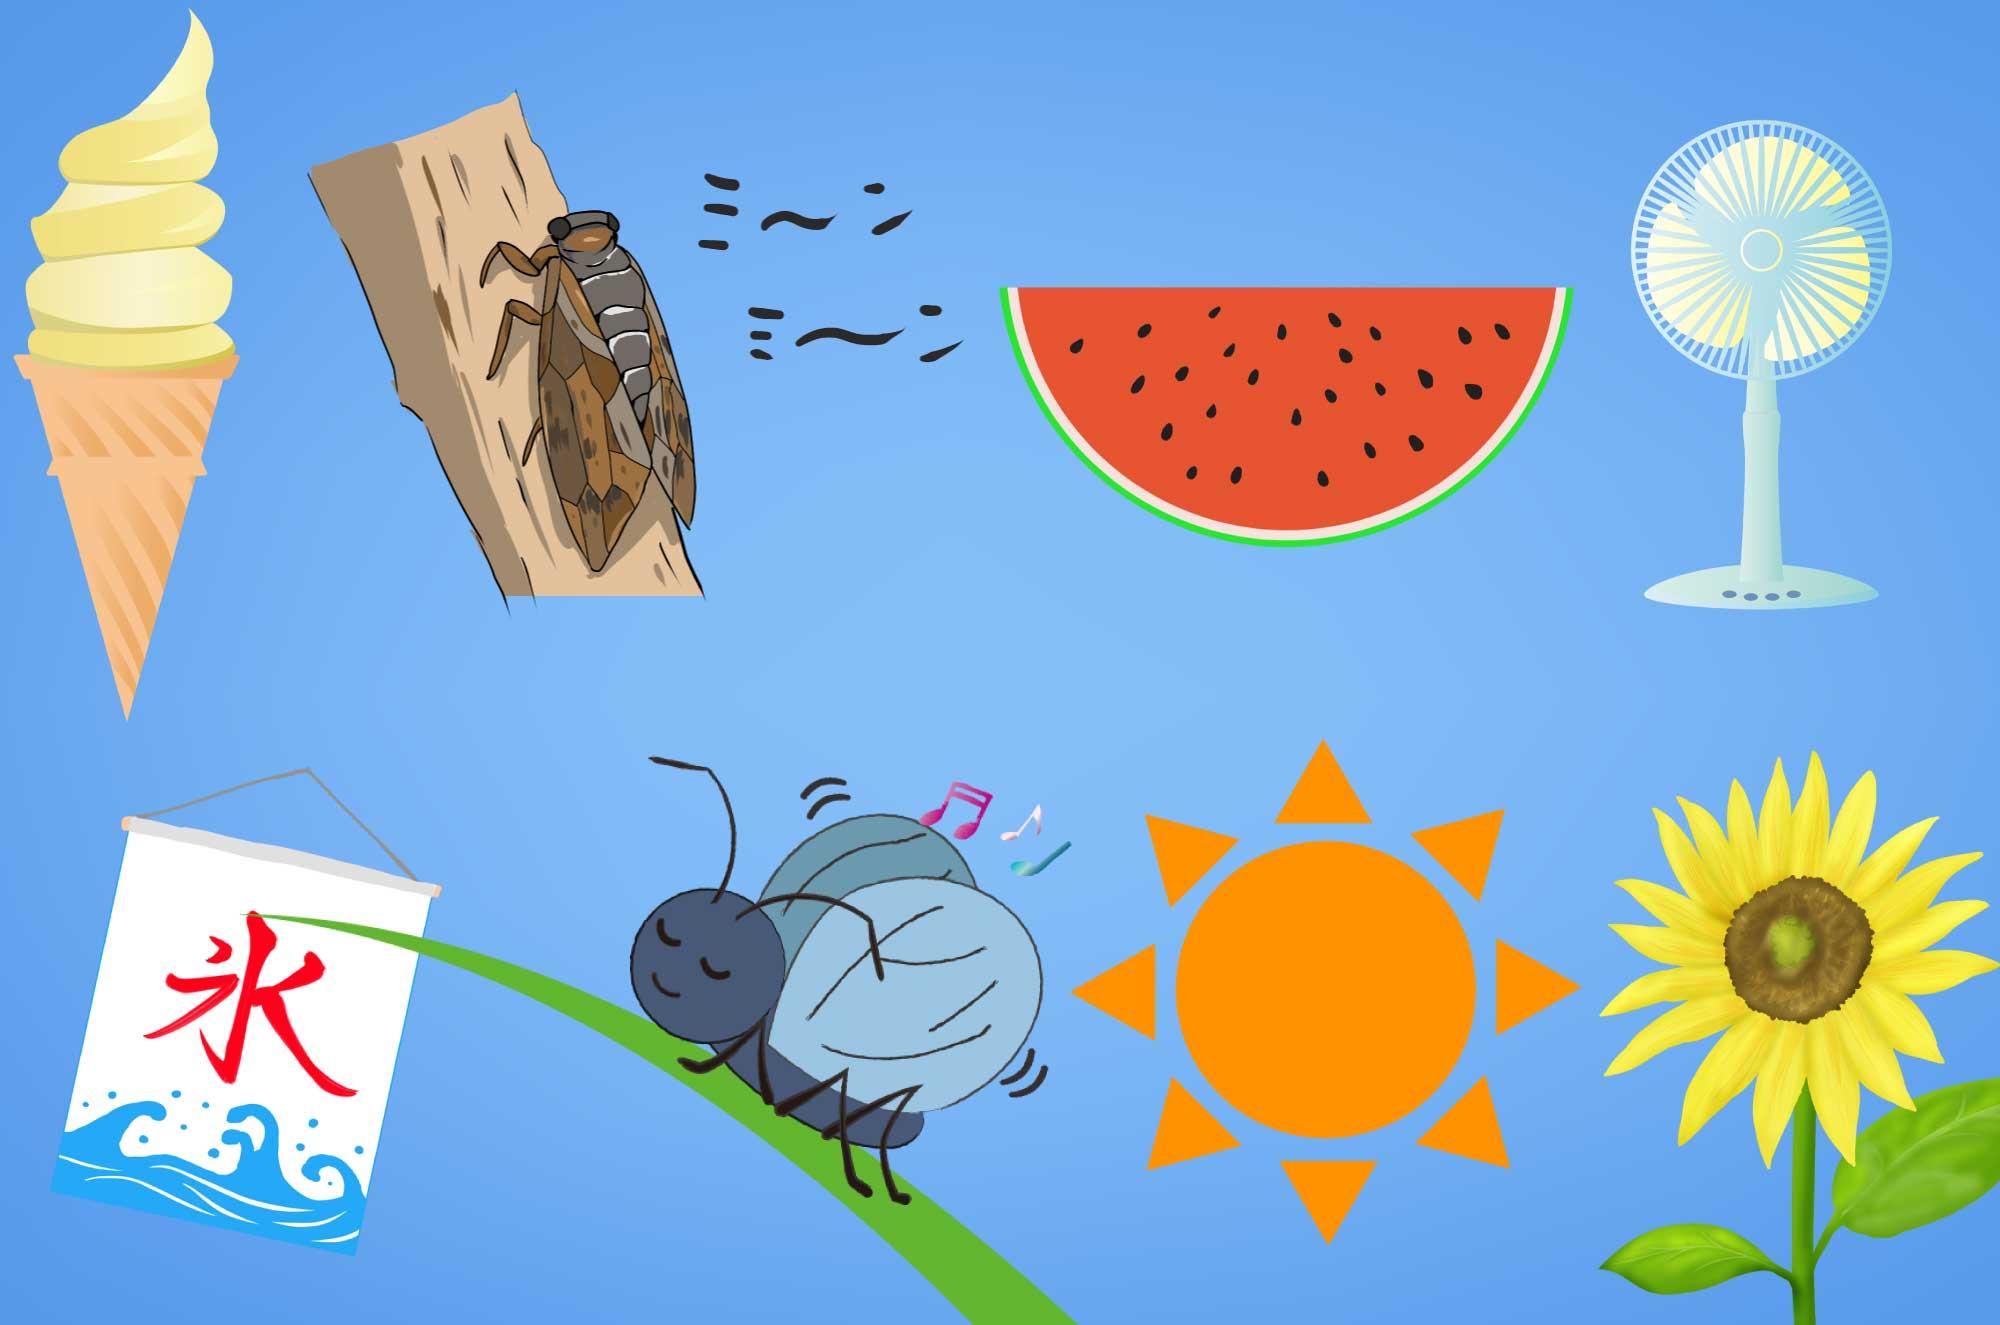 夏の無料イラスト - 暑い季節のイメージフリー素材